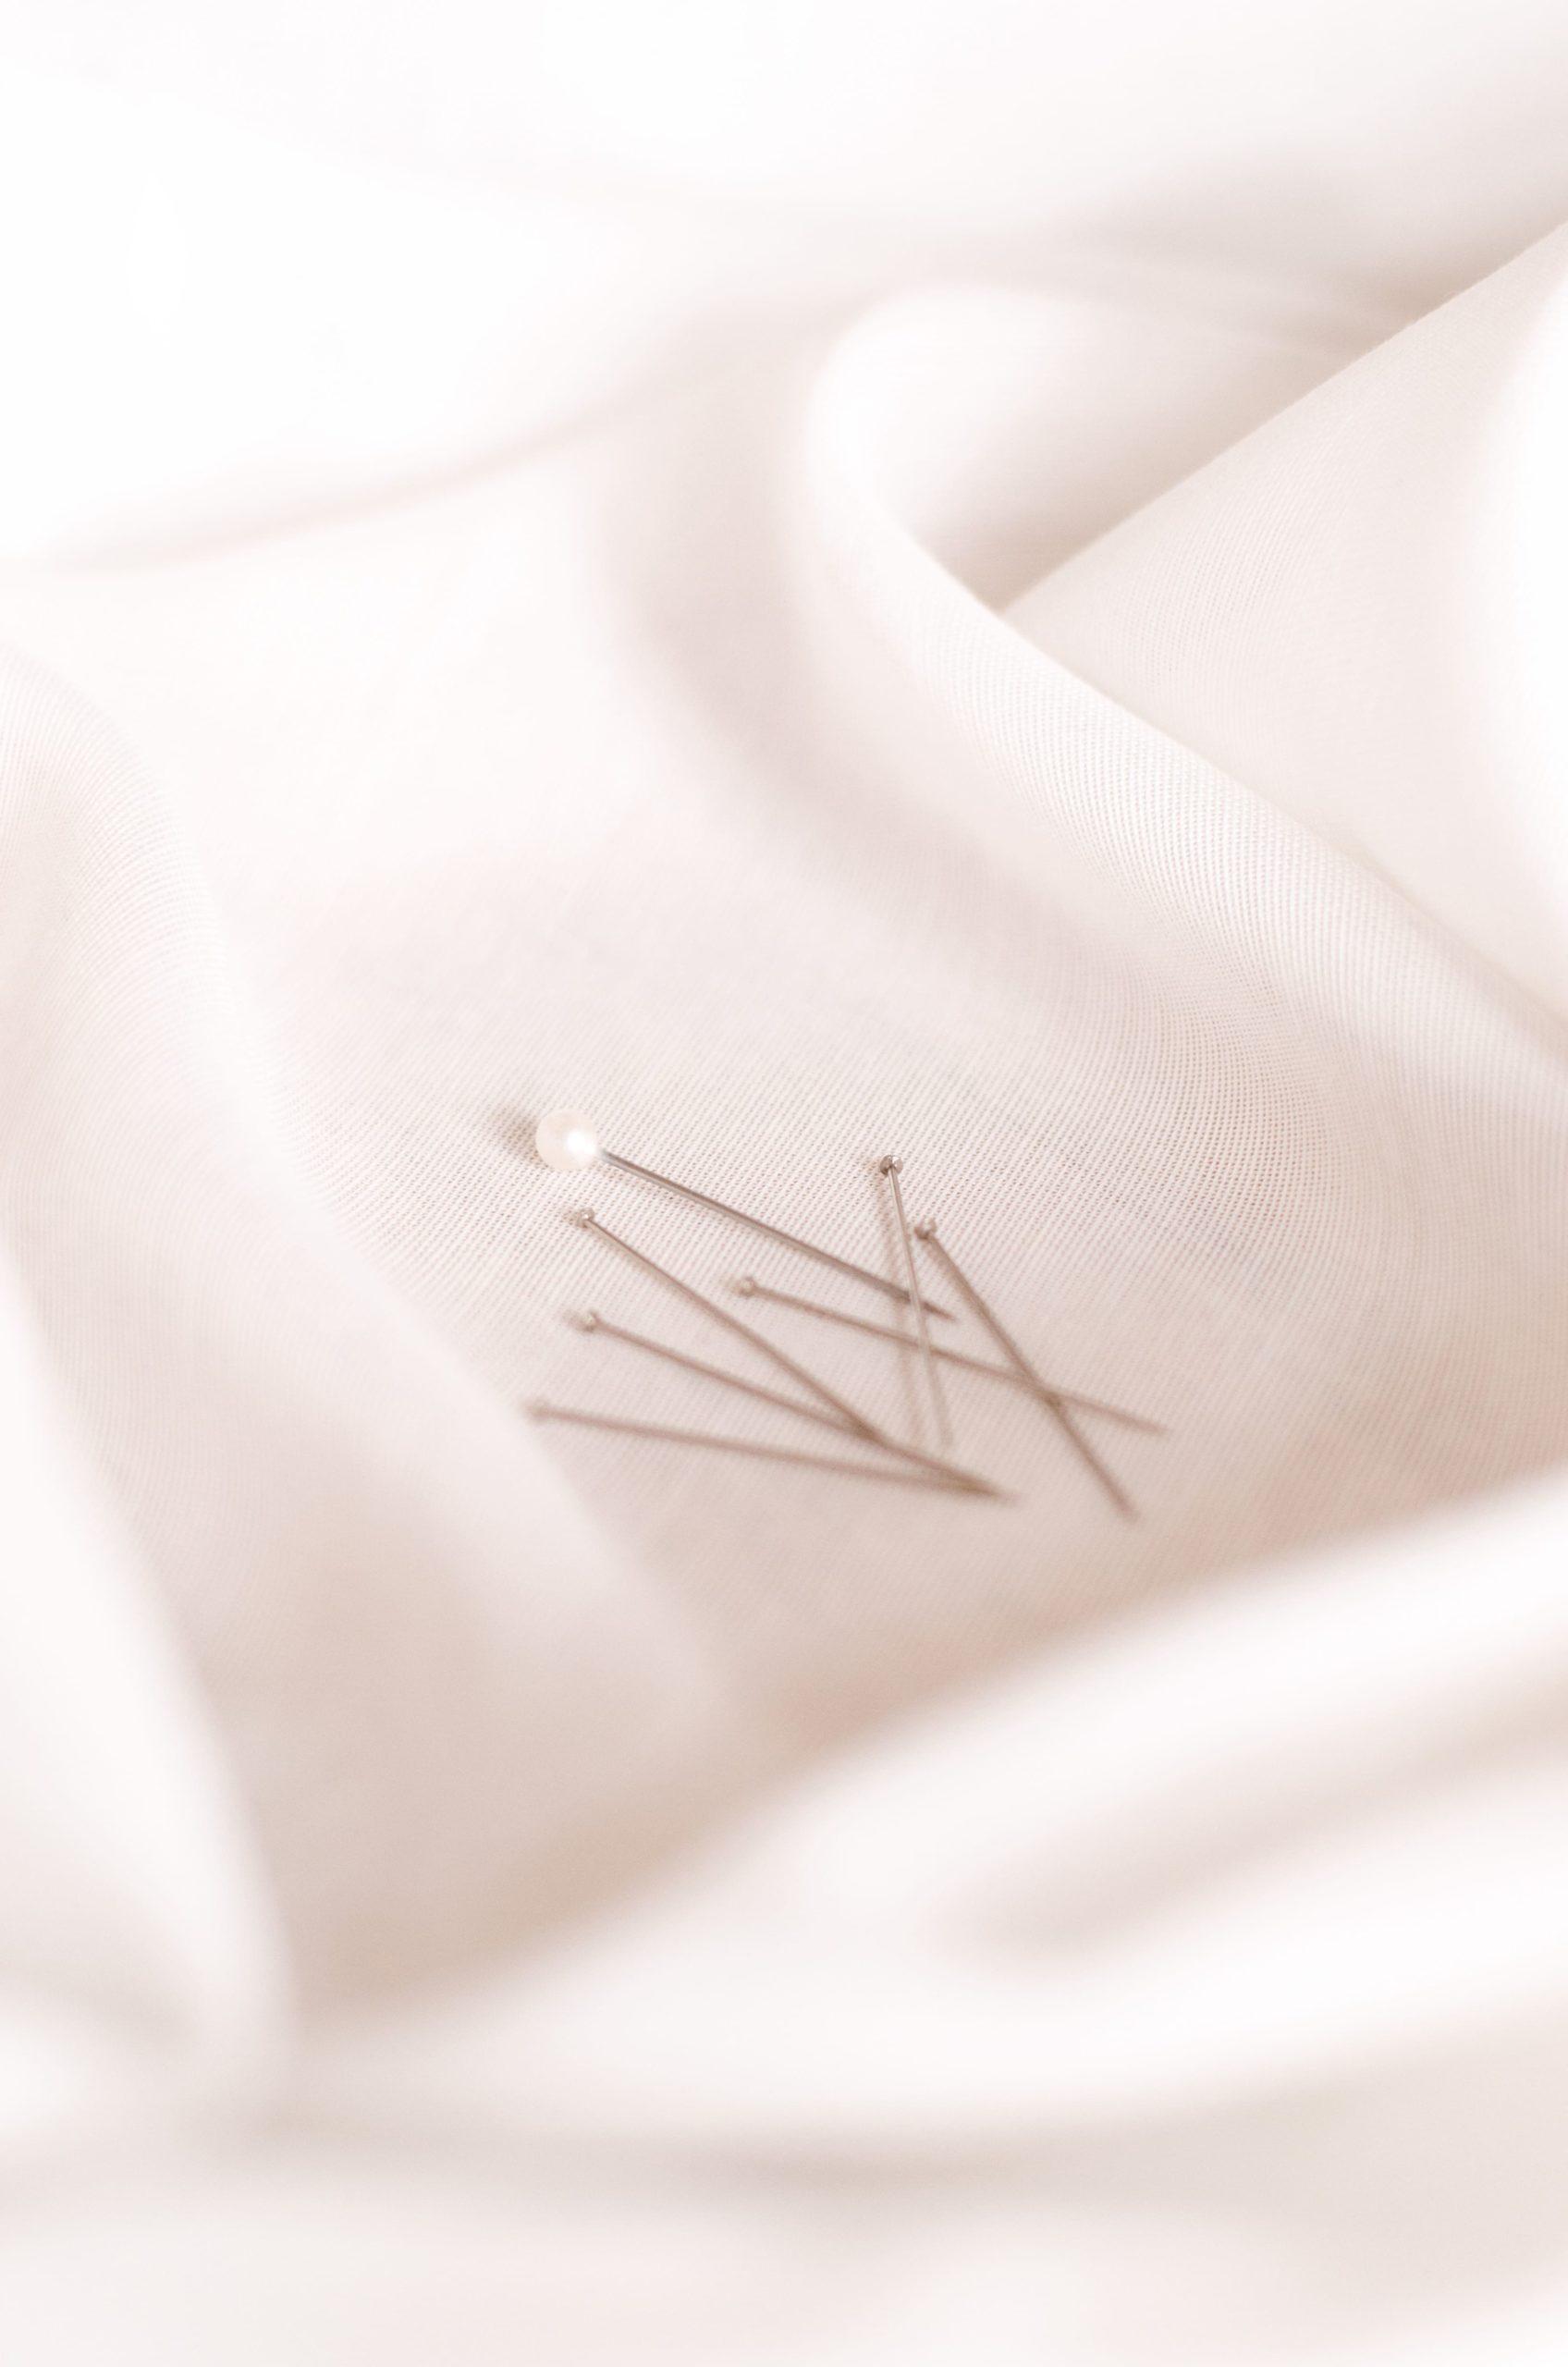 Épingles, pinces, bâti : Quand et comment bien les utiliser ?